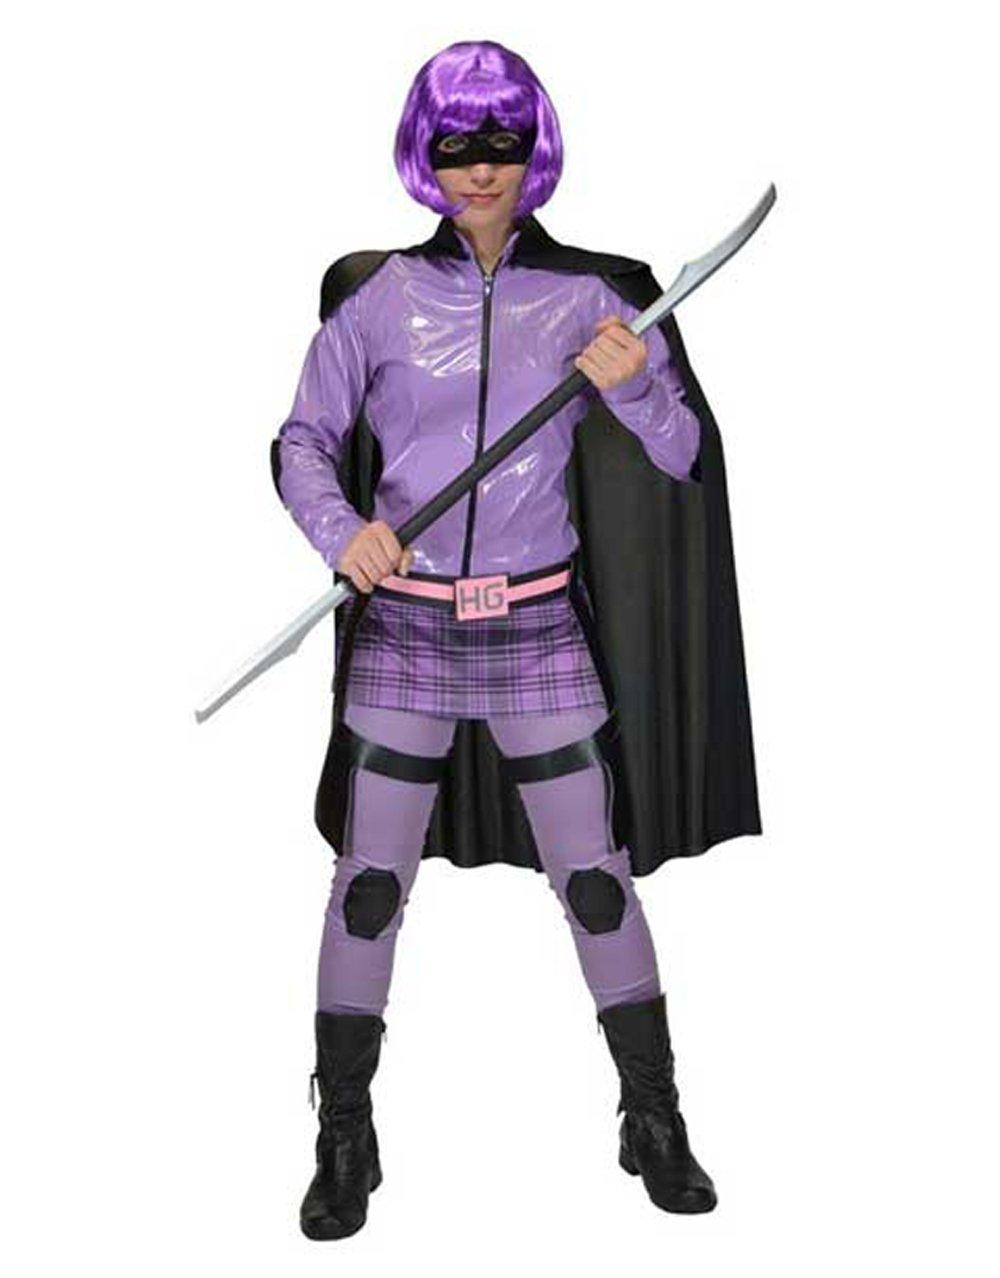 Original lizenziertes Hit-Girl Kostüm für Erwachsene aus dem Film Kick-Ass